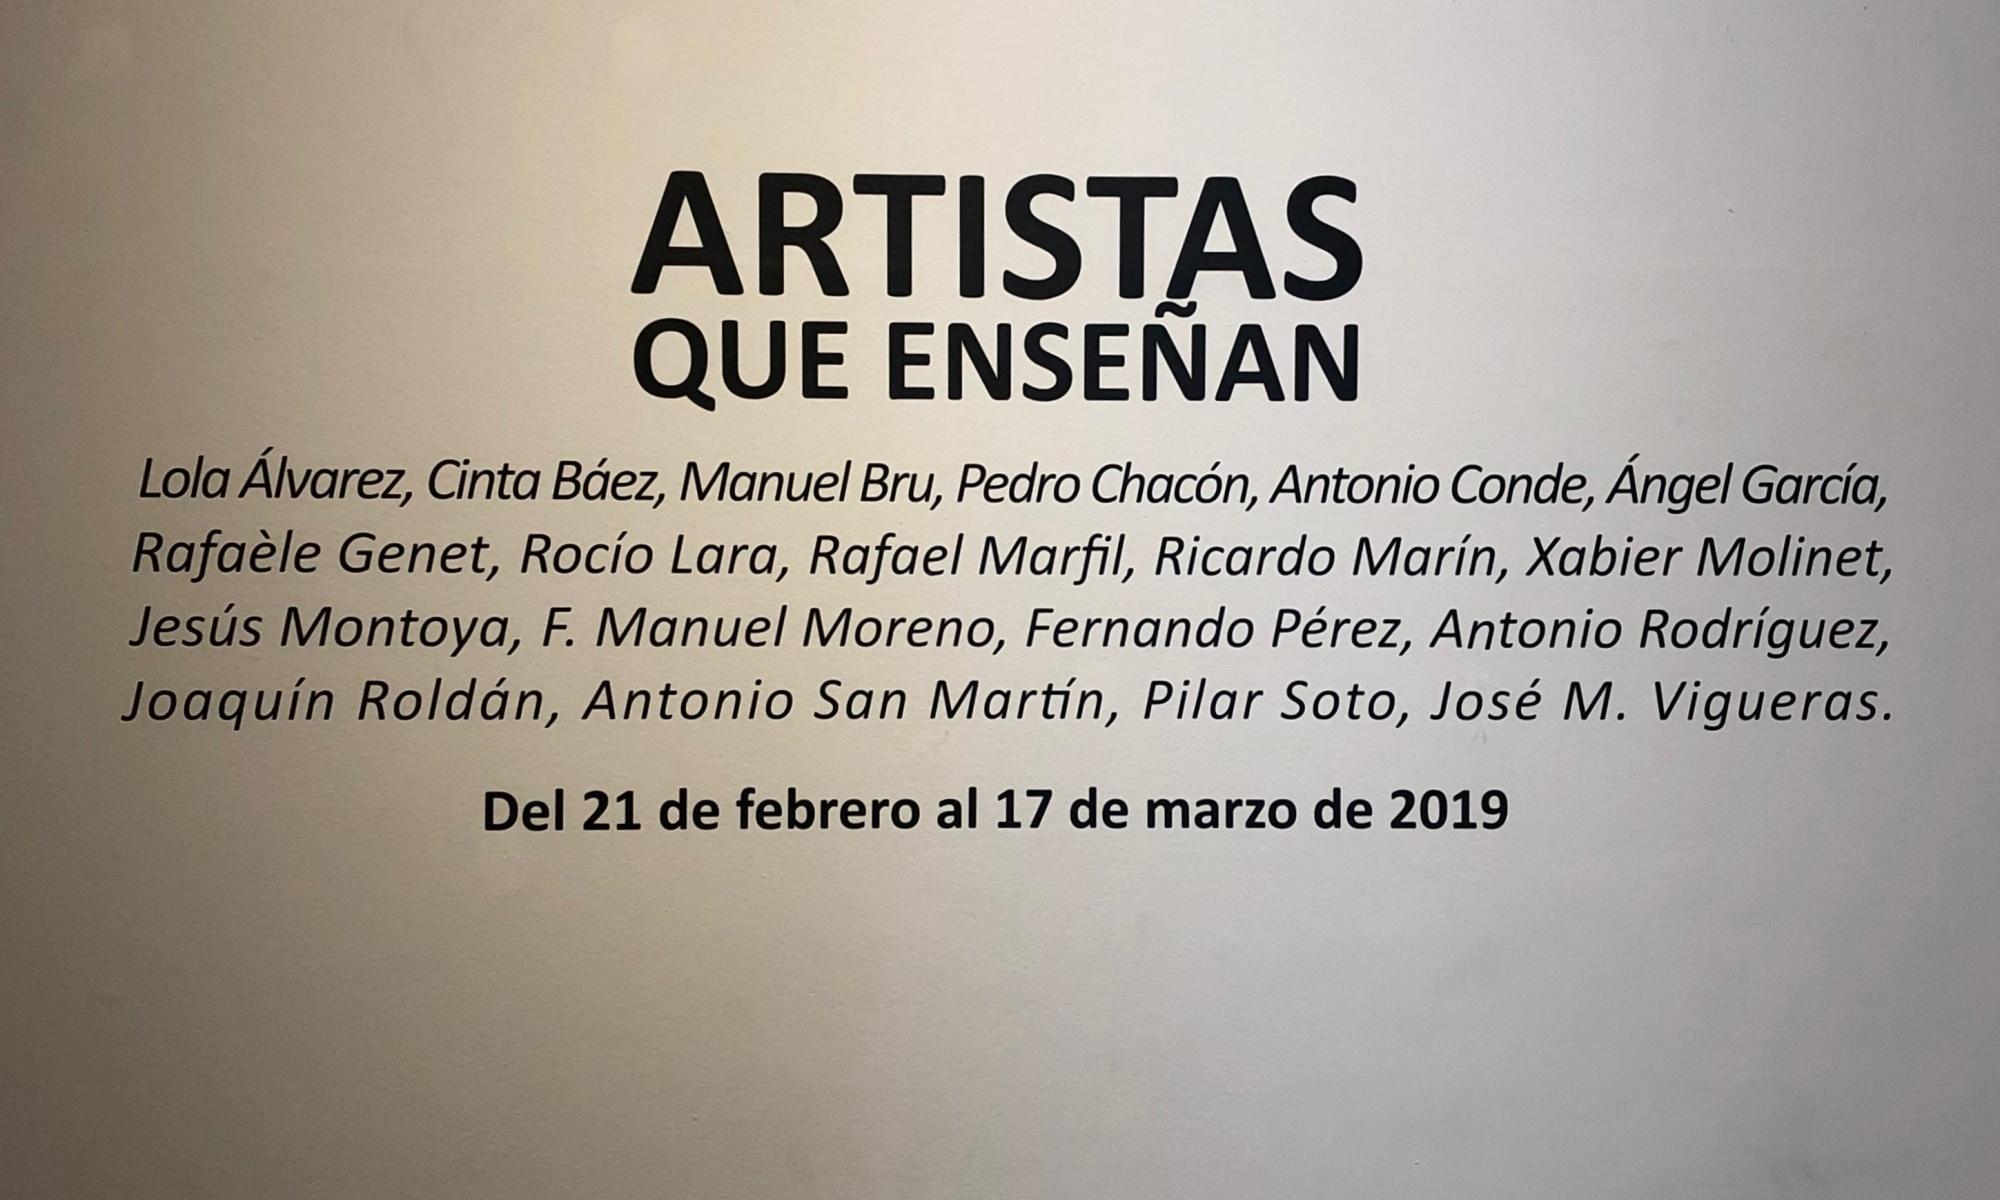 Artistas que enseñan